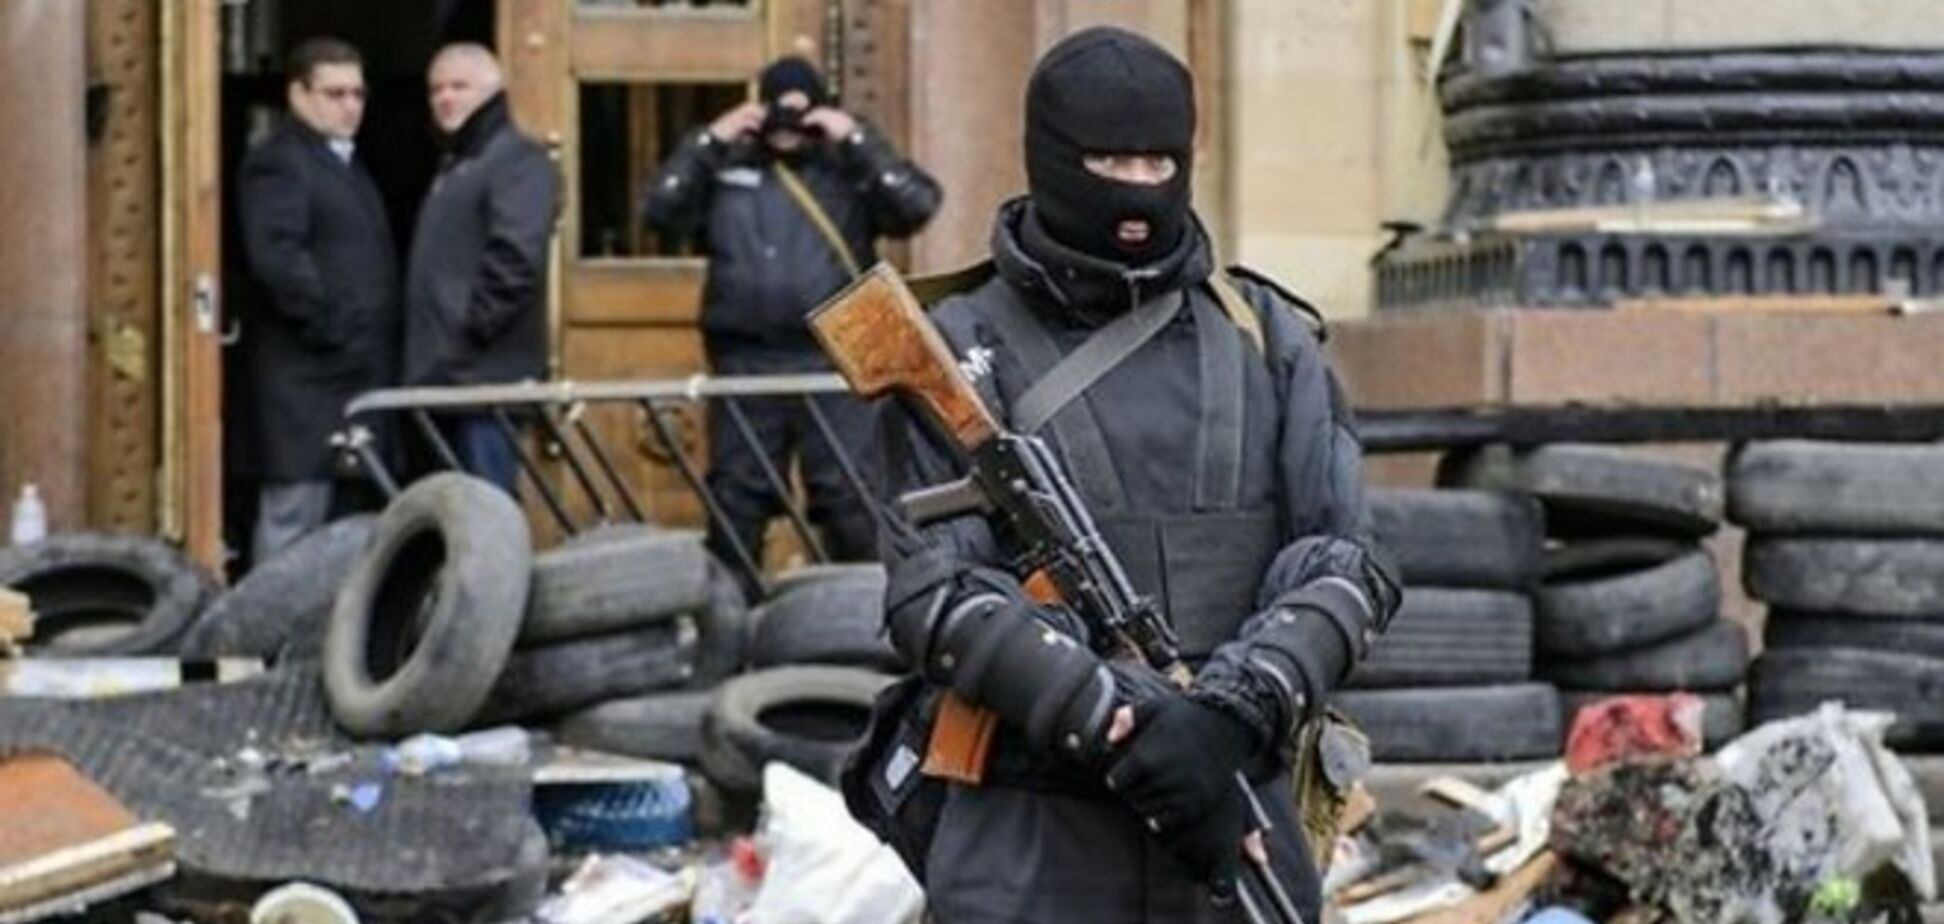 ГПУ нашла доказательства финансирования нардепами террористов